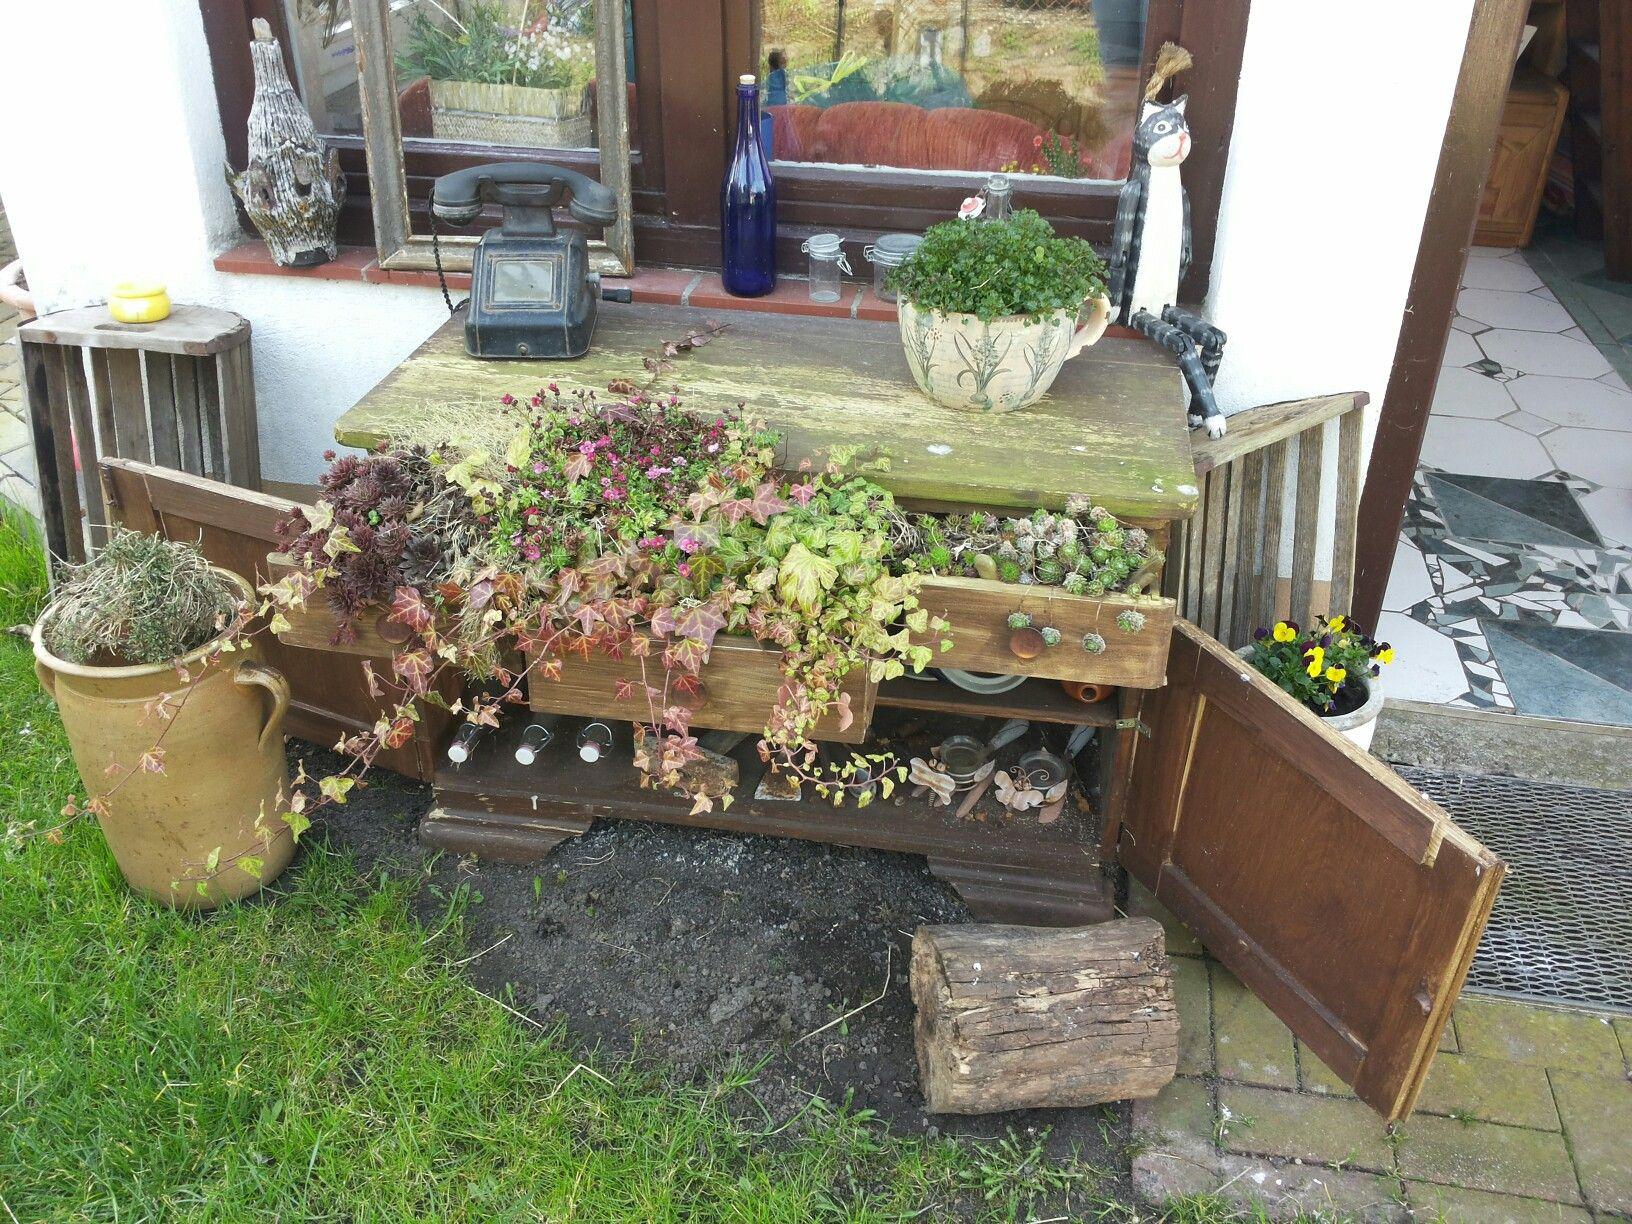 alte kommode bepflanzen selbst gemachtes pinterest garten kommode und alter. Black Bedroom Furniture Sets. Home Design Ideas